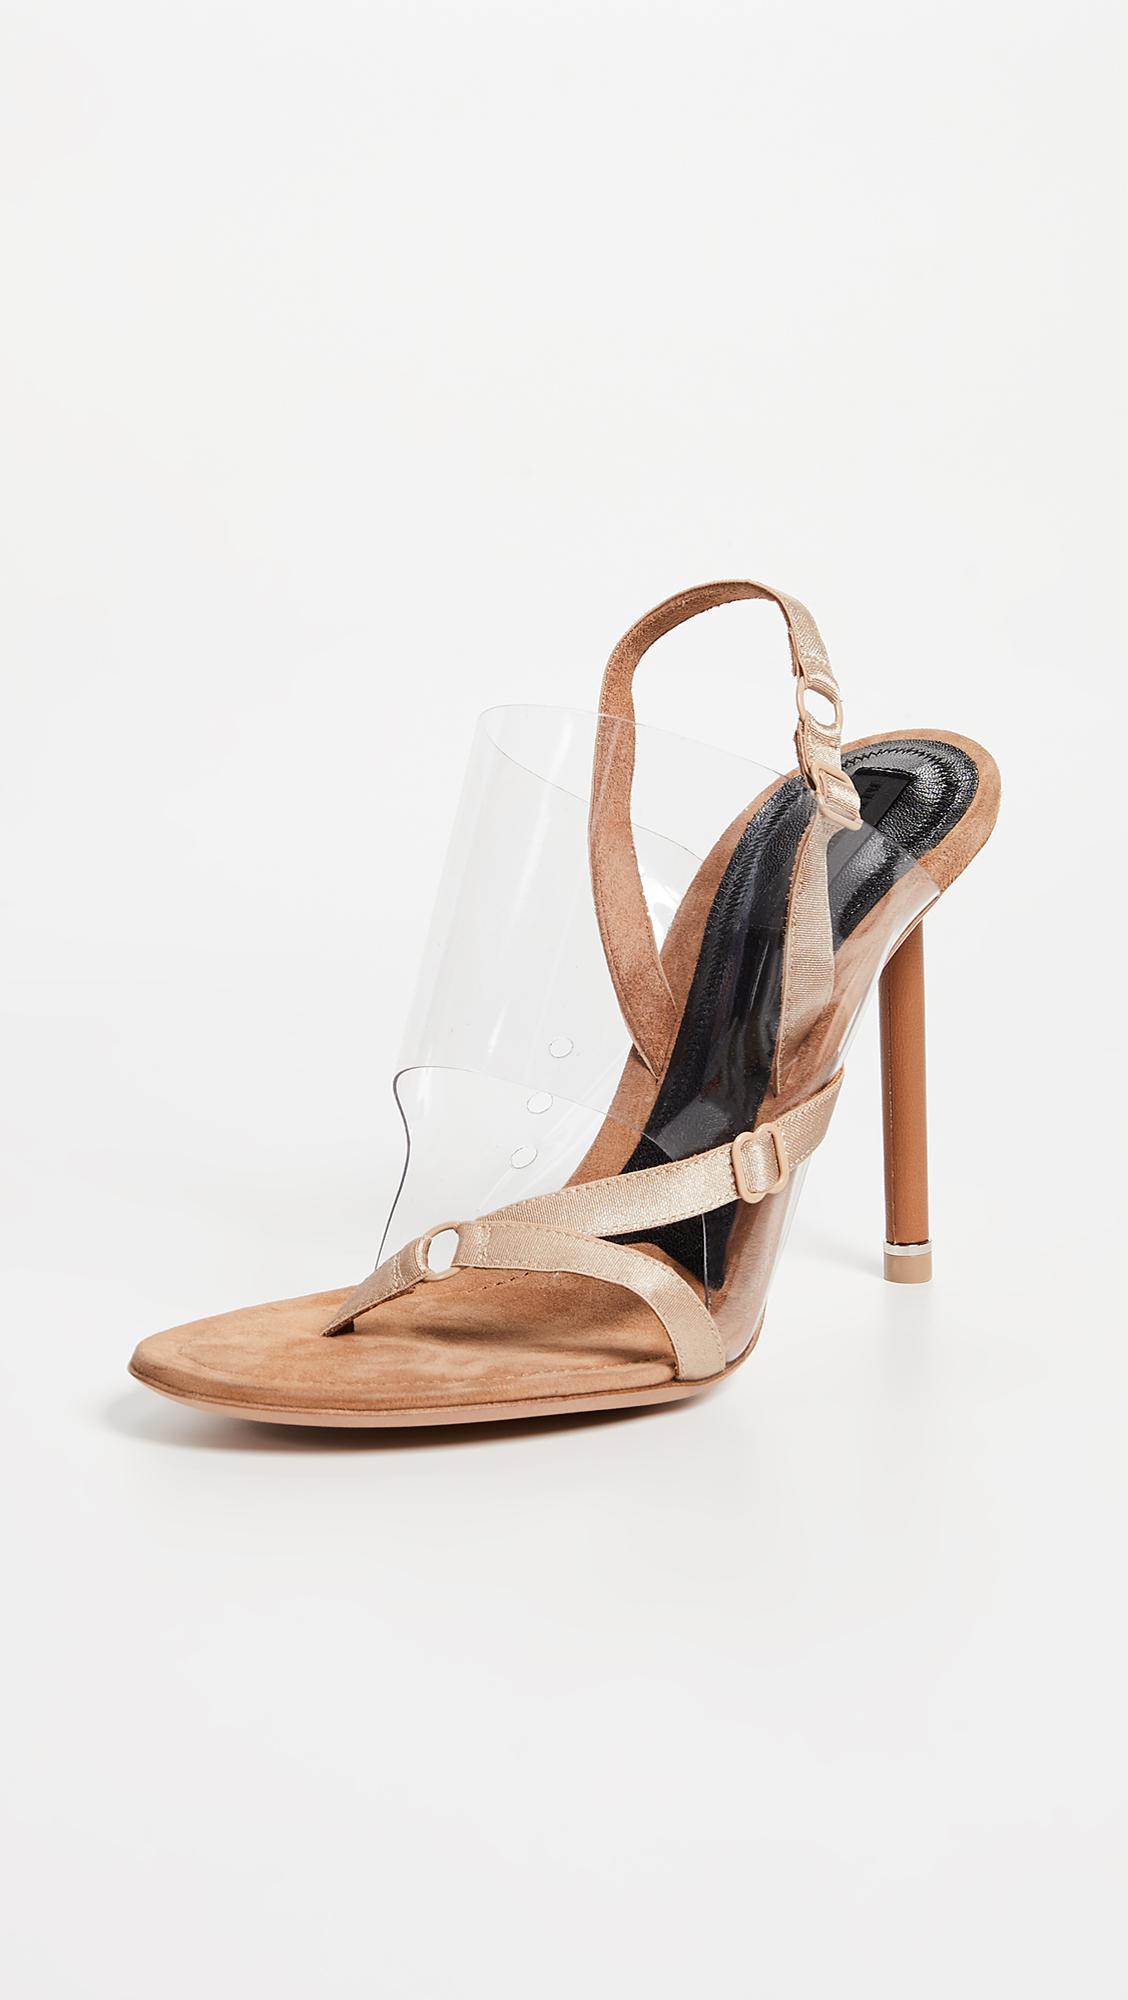 d5786ffd610 Lyst - Alexander Wang Kaia High Heel Sandals in Natural